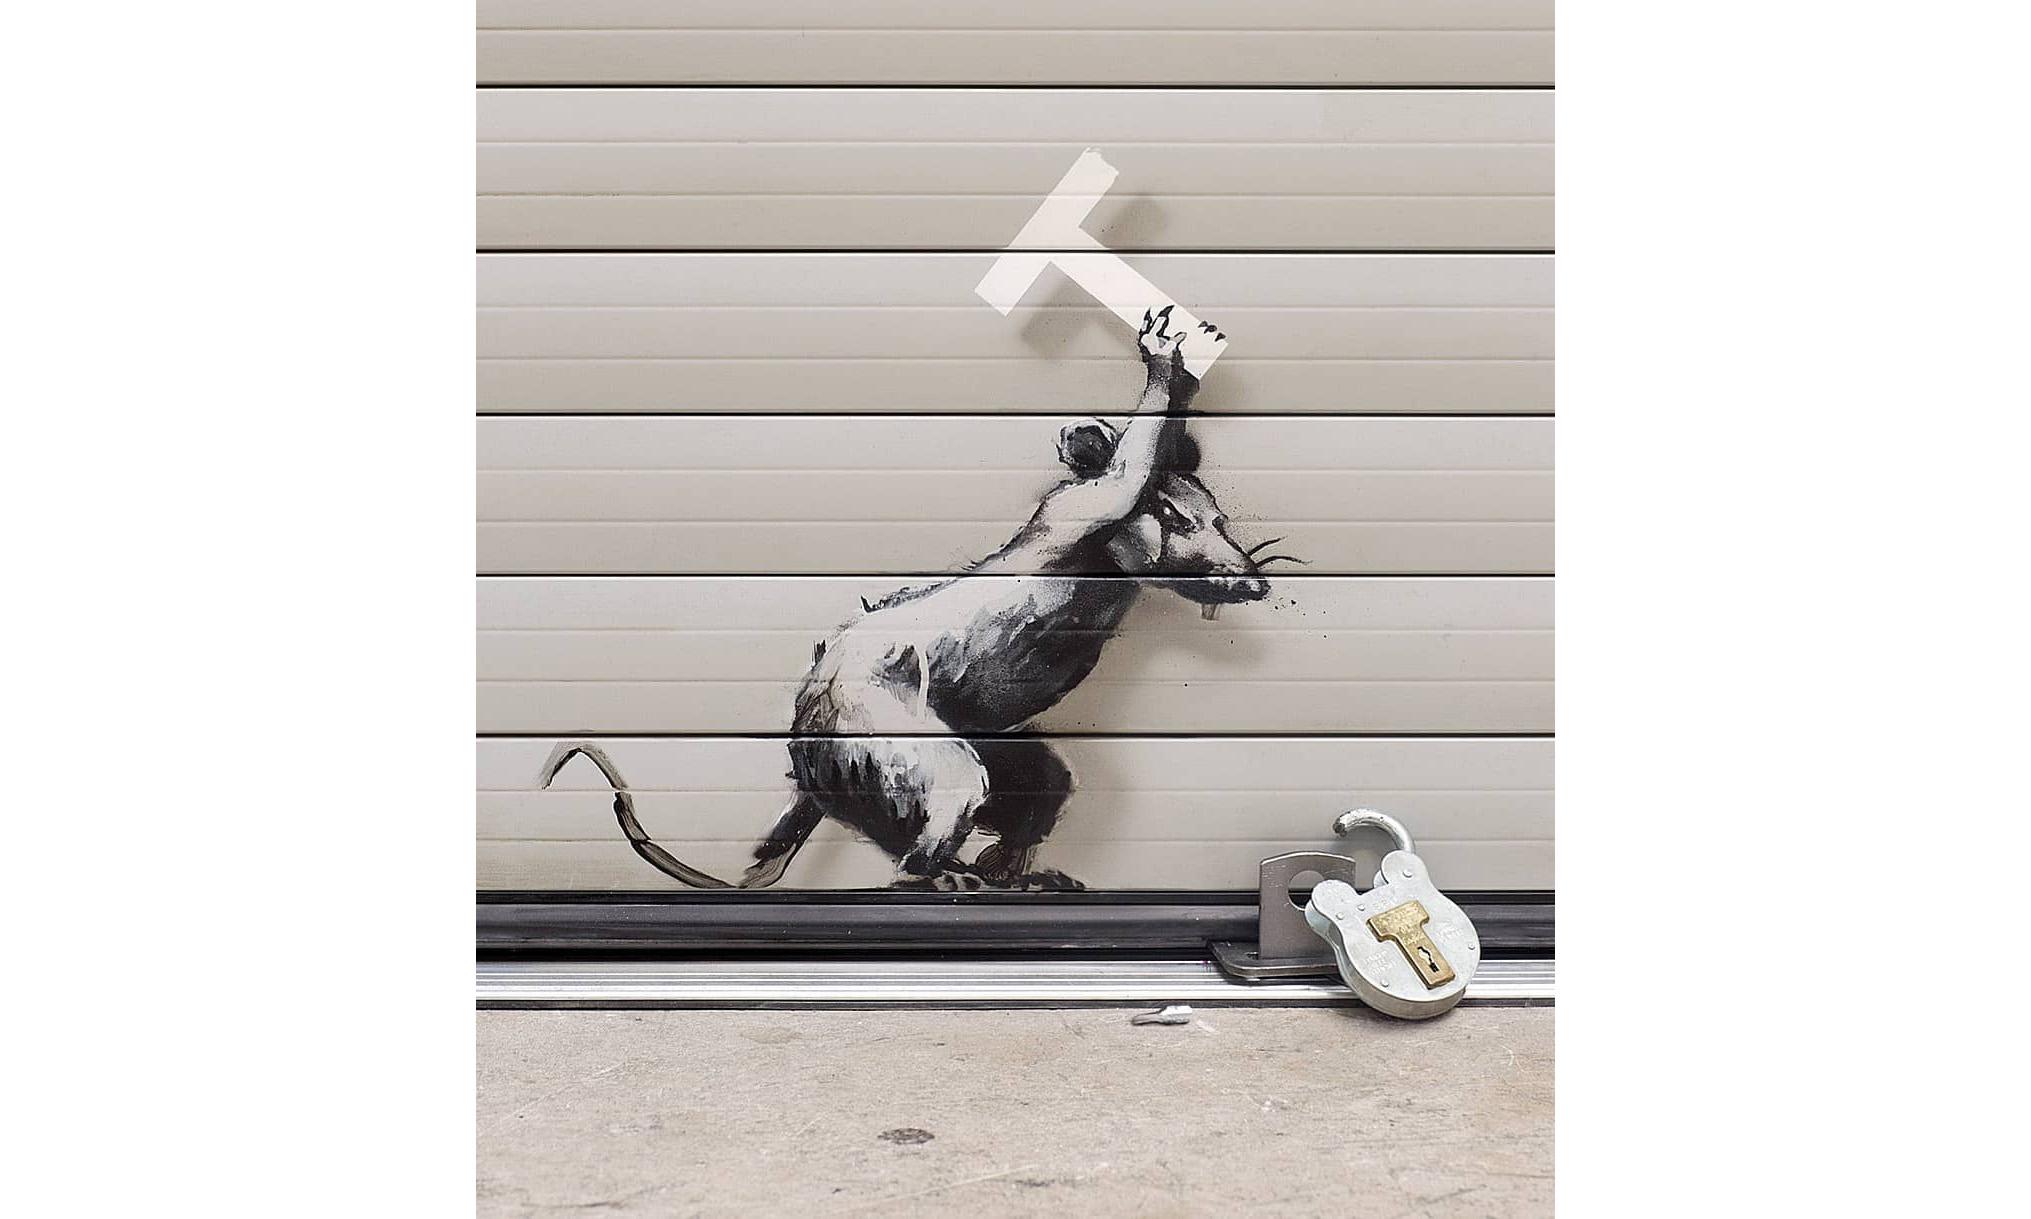 Banksy 于伦敦再次表达对英国脱欧的不满